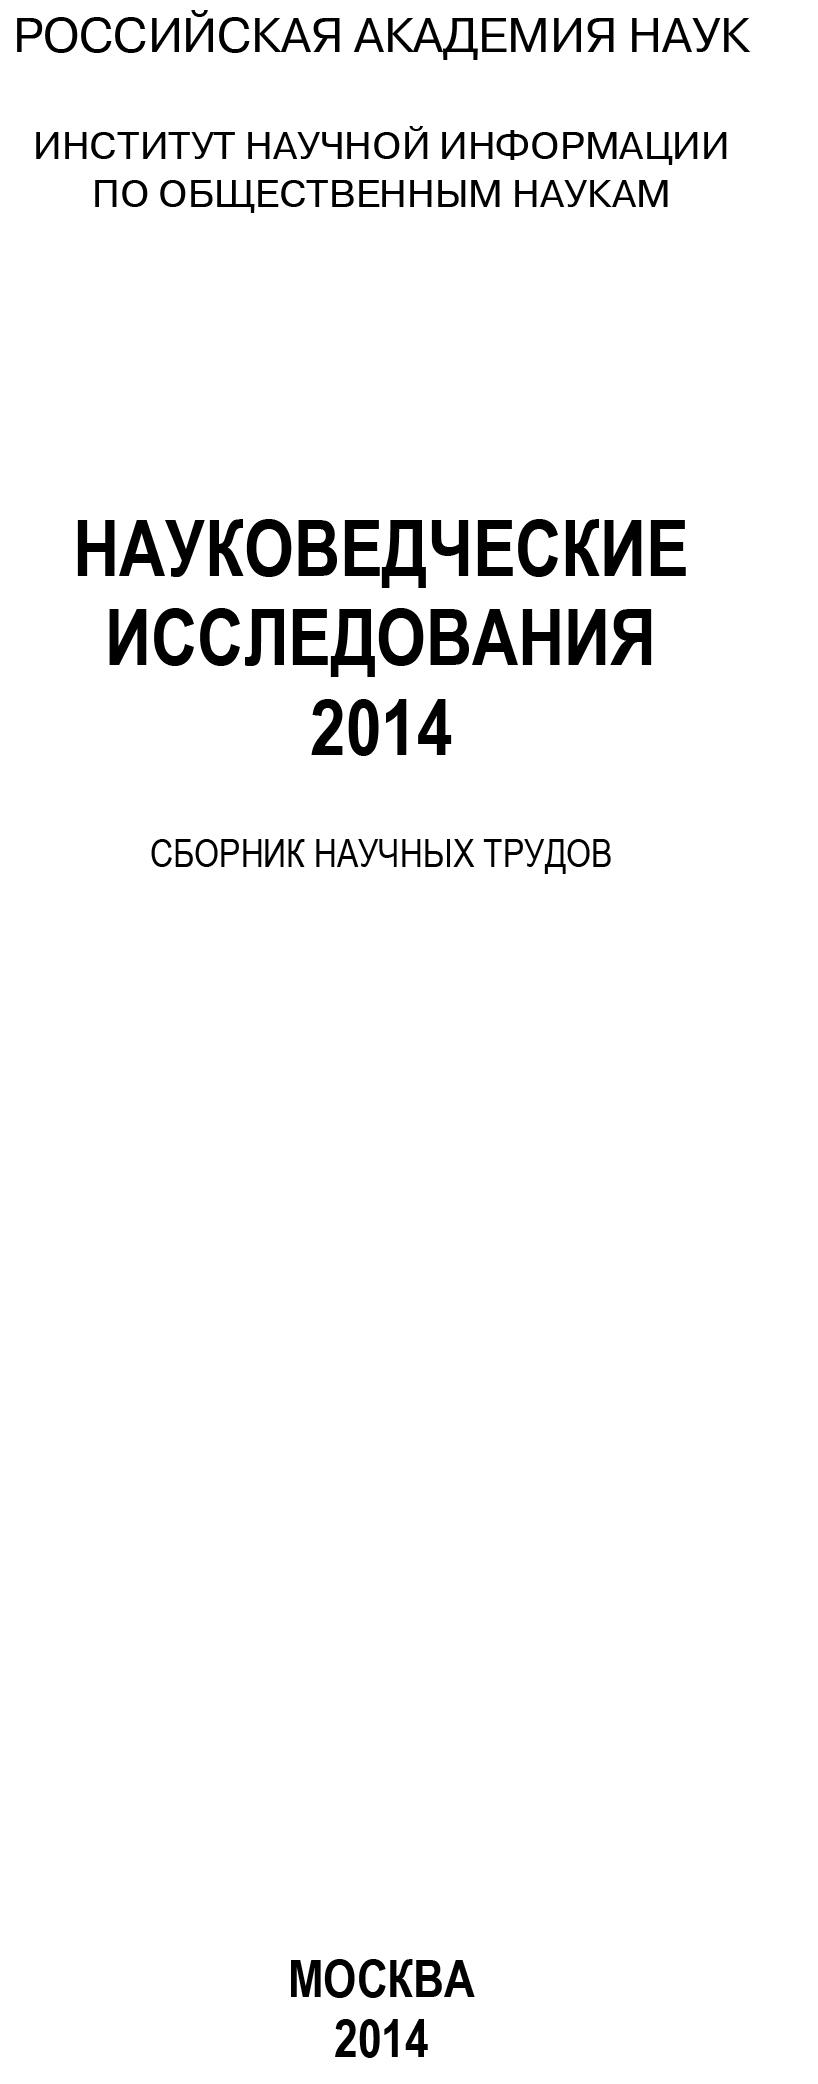 Коллектив авторов Науковедческие исследования. 2014